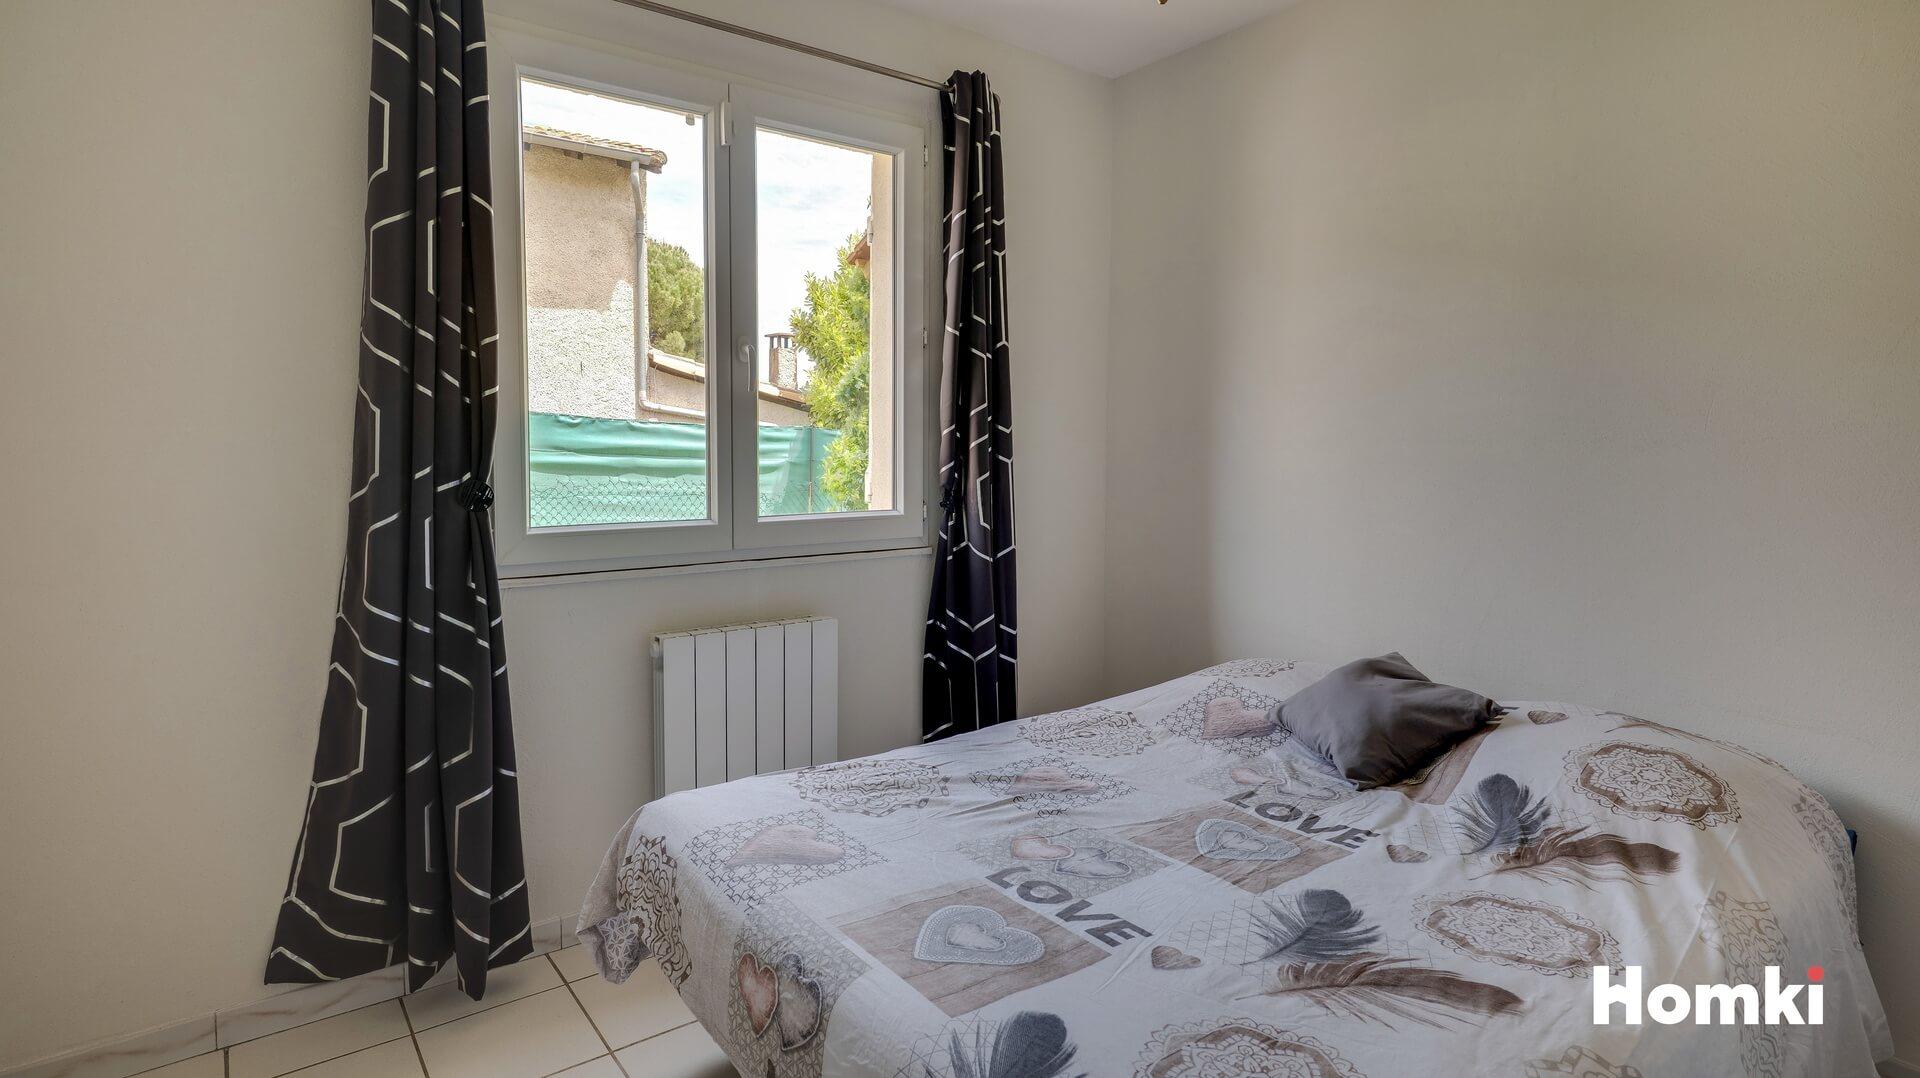 Homki - Vente Maison/villa  de 130.0 m² à Tourbes 34120